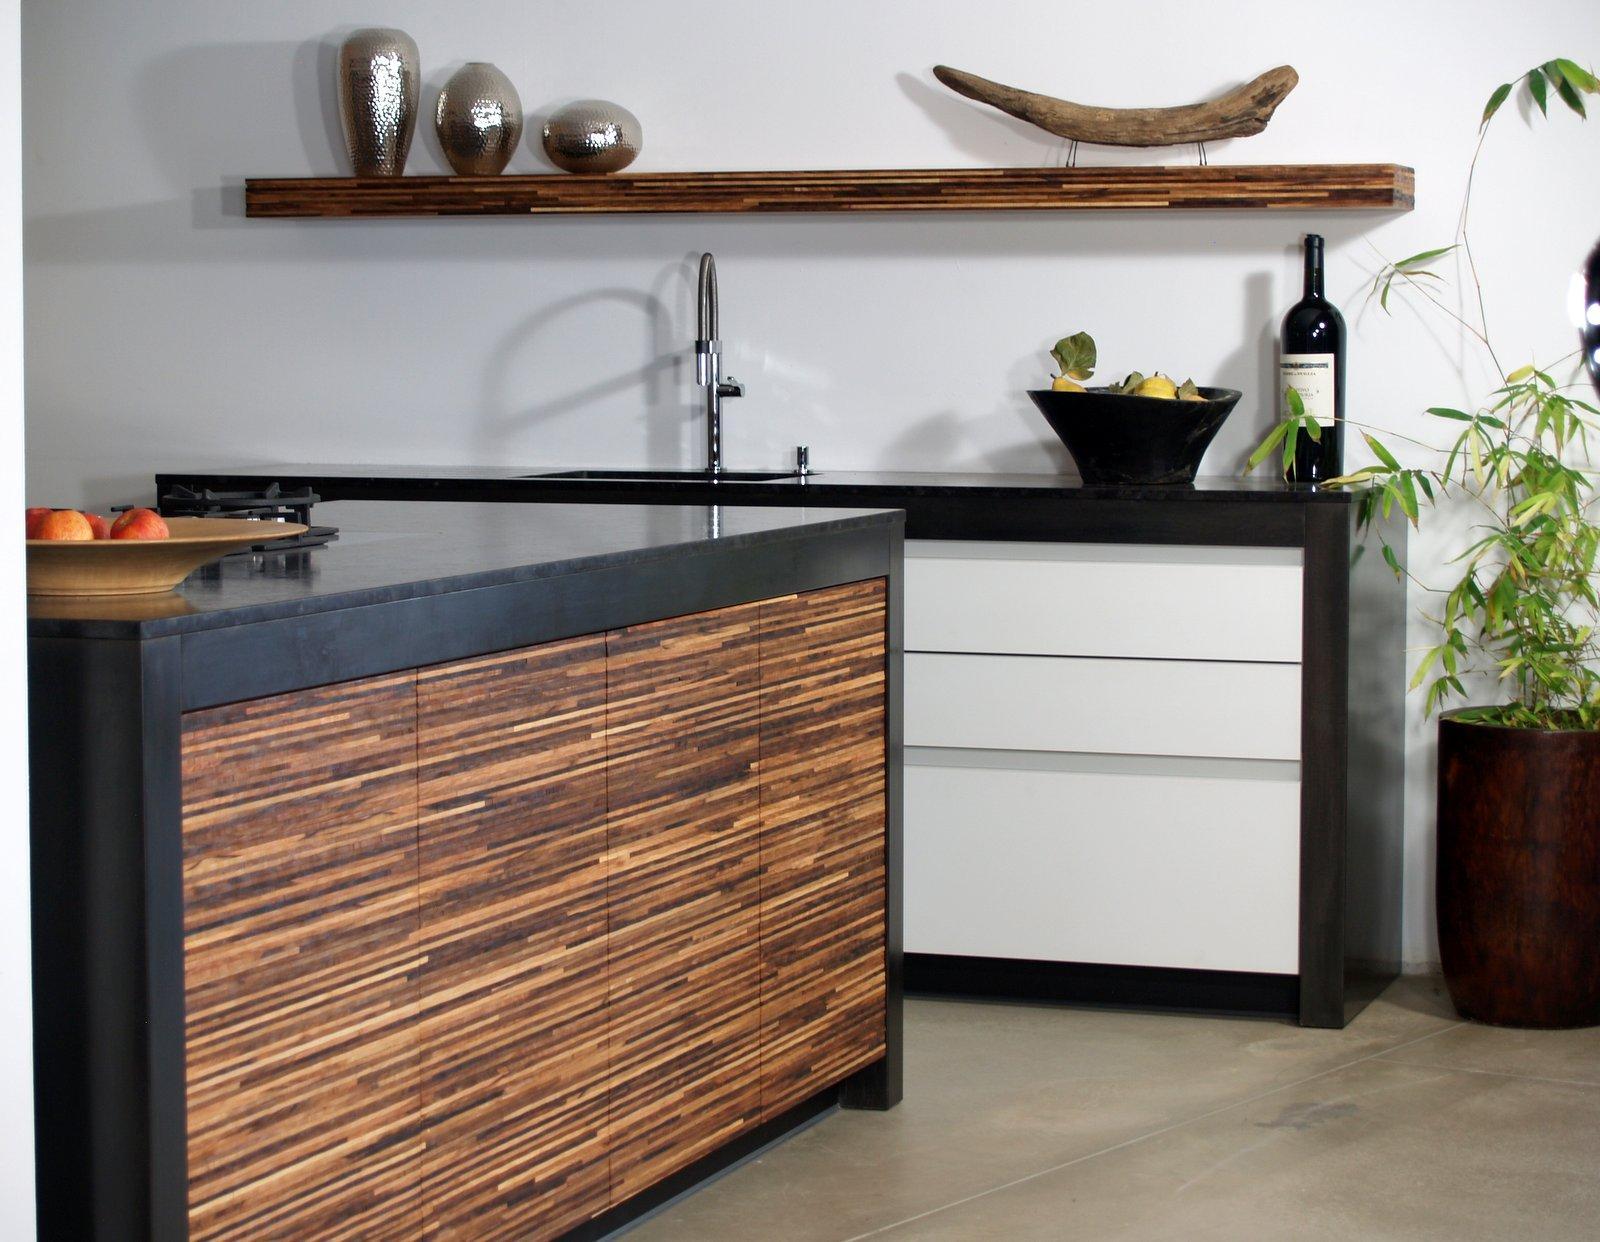 Schreinerei Eder moderne küche küche holzküche schreinerei eder